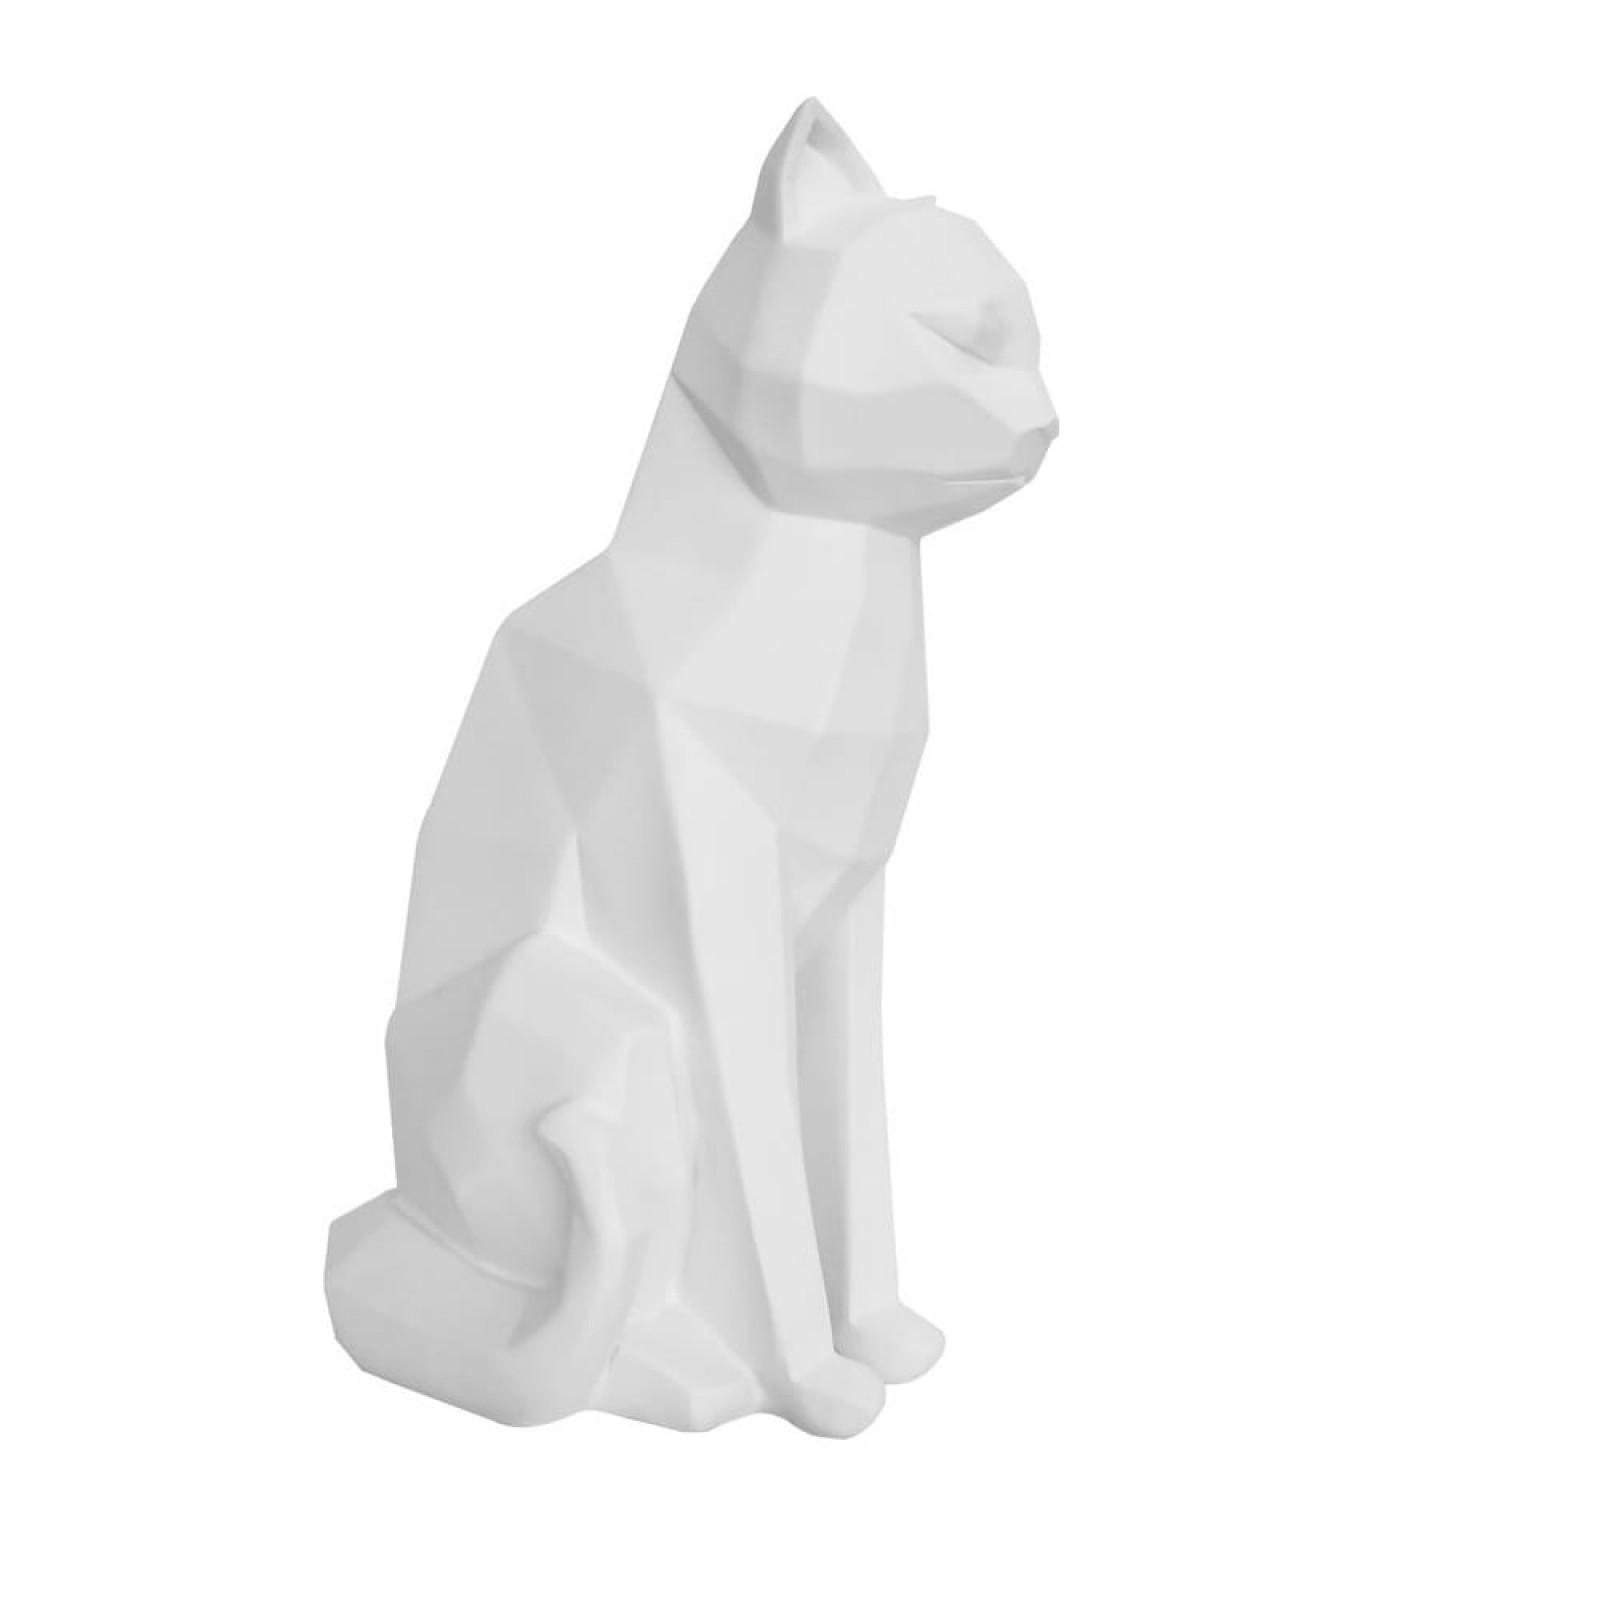 Διακοσμητικό Γλυπτό Origami Cat Sitting (Λευκό) - Present Time